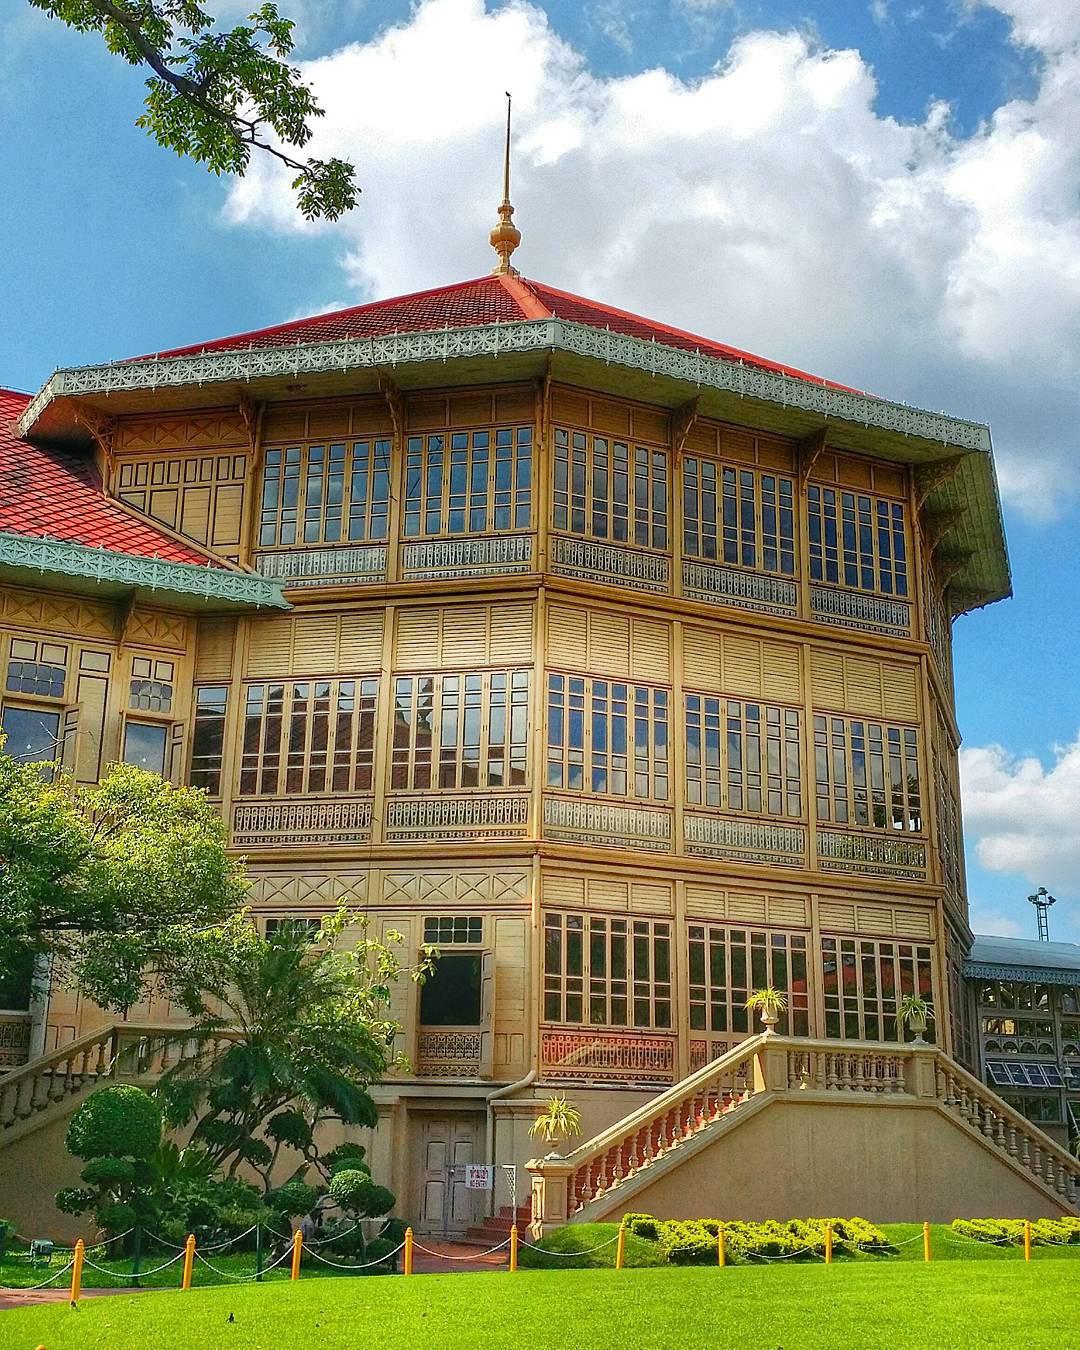 Đến Bangkok nhất định phải ghé thăm 3 cung điện siêu thực này - Ảnh 12.